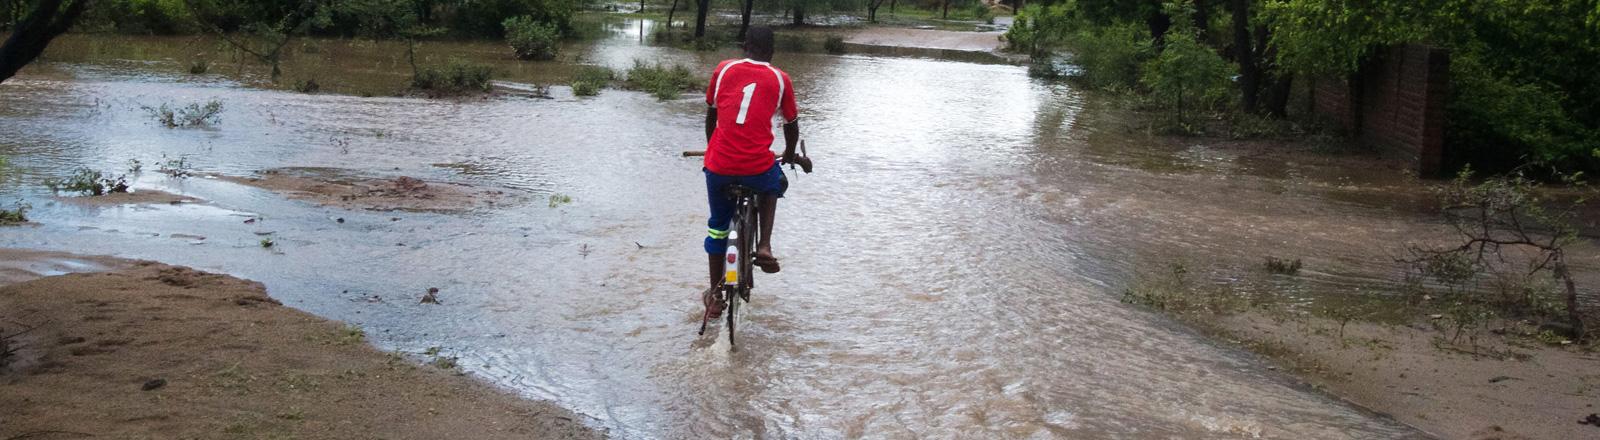 Ein Mann fährt mit dem Fahrrad durch überflutetes Gebiet in Malawi.